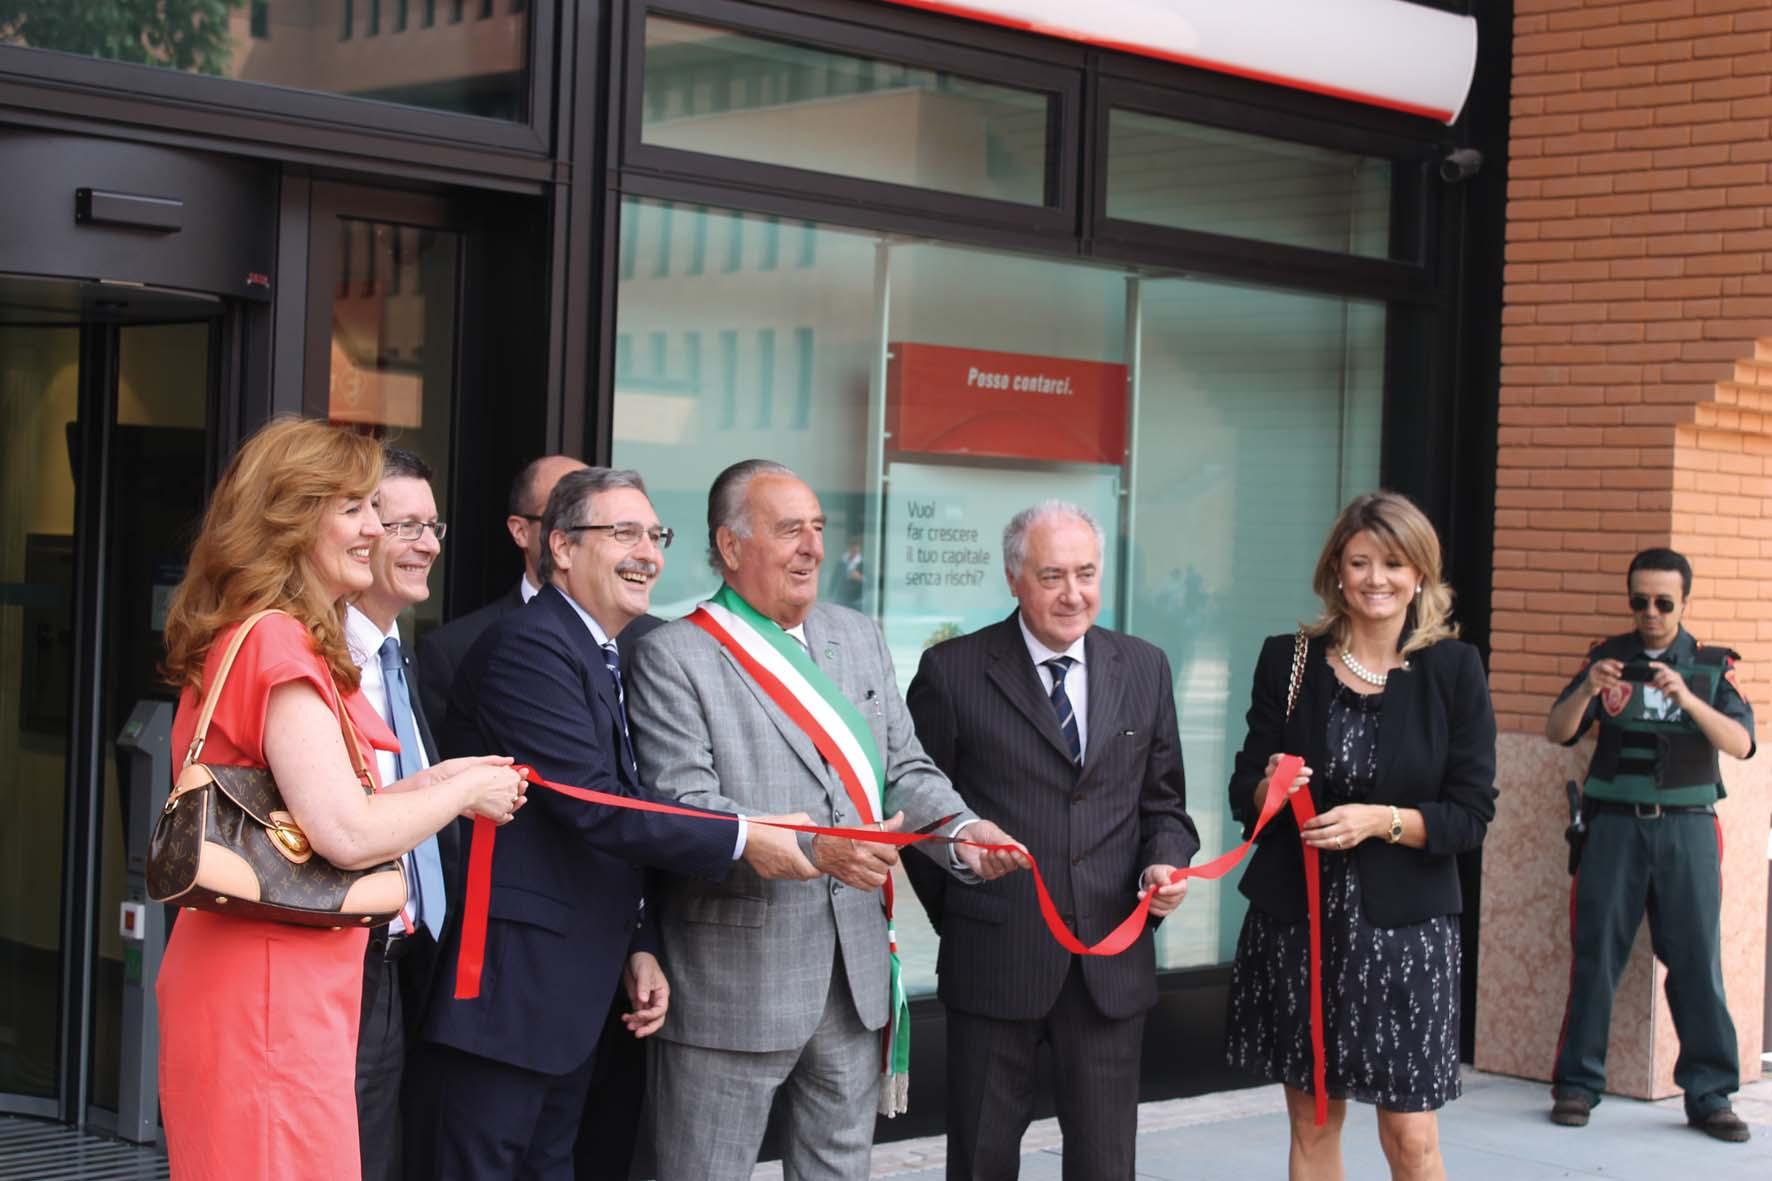 Unicredit inaugurazione agenzia treviso sindaco gentilini presidewnte unicredit 1